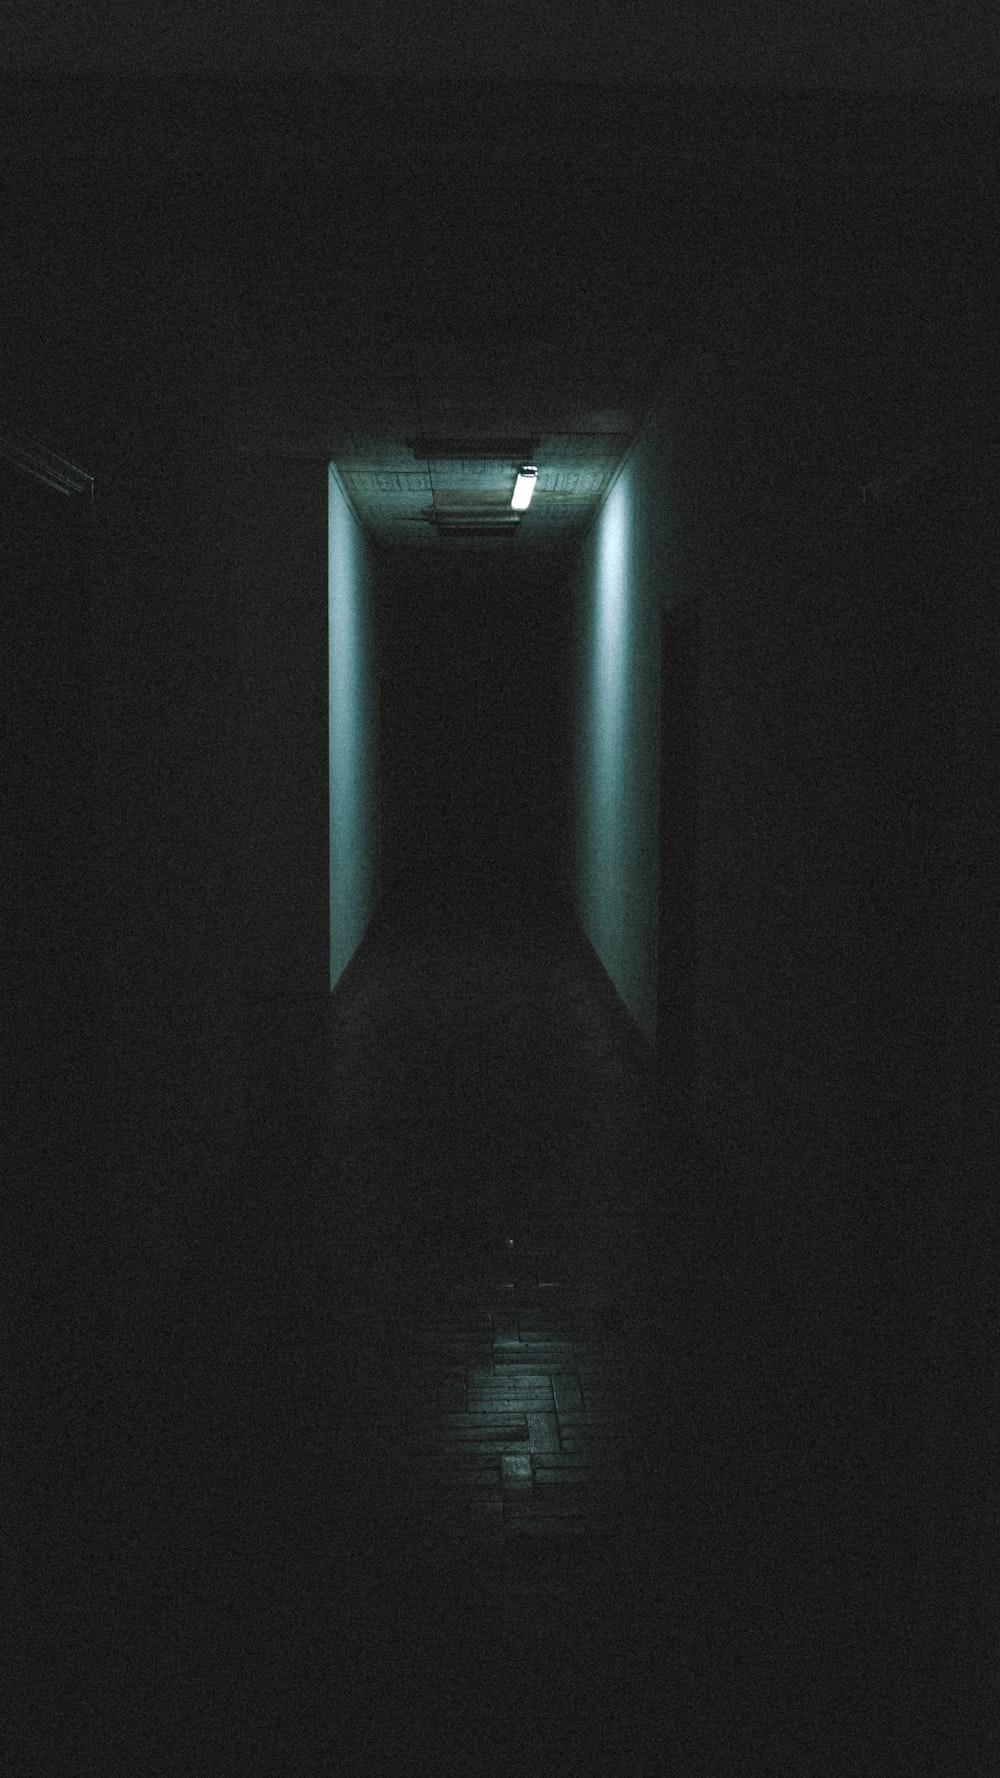 blue light in dark room